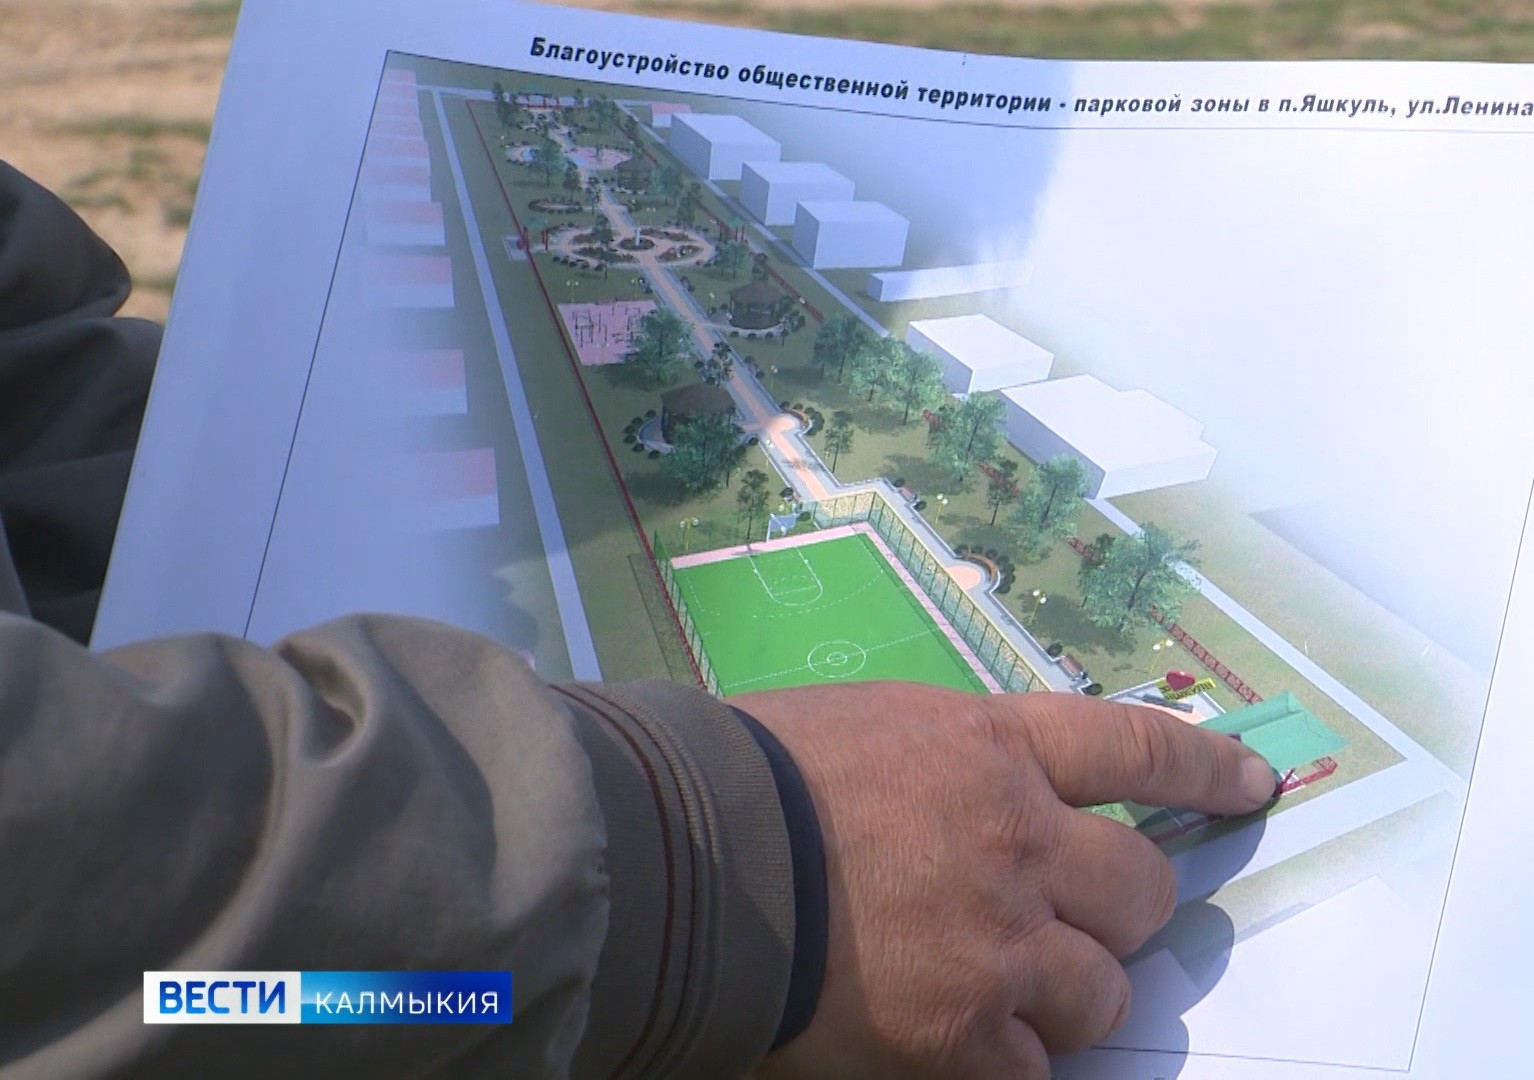 В текущем году будет благоустроено 11 общественных территорий